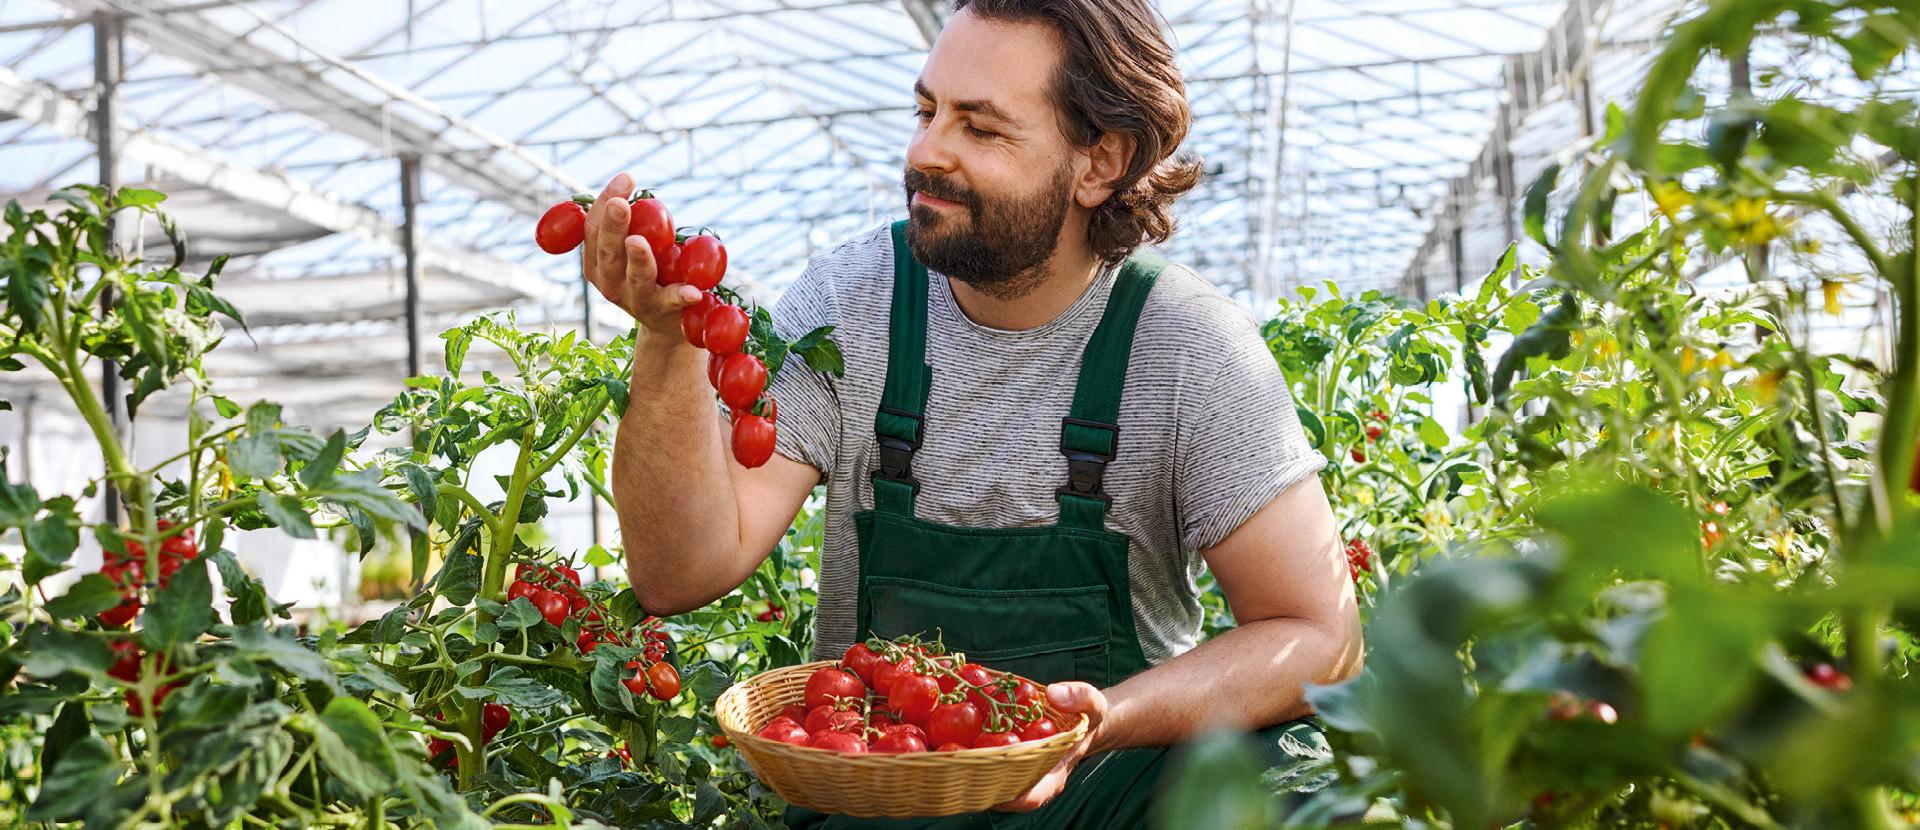 Frische Mann mit Tomaten in den Haenden im Gewaechshaus